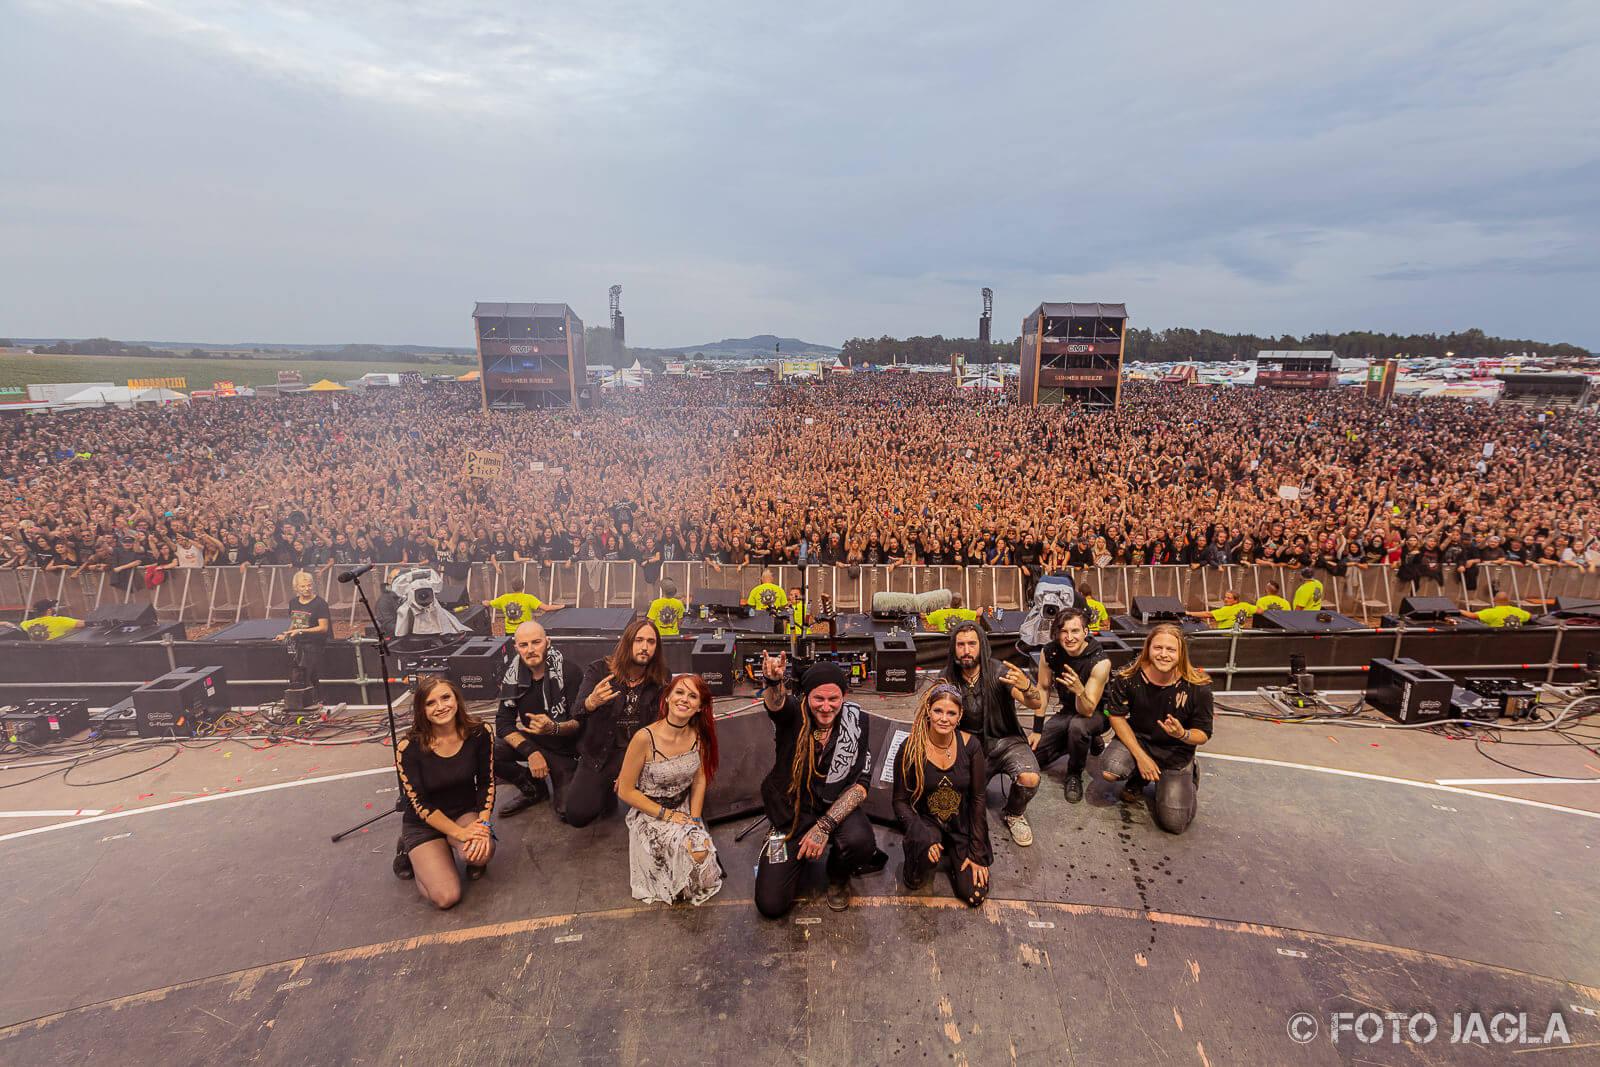 Konzertfotografie von der Bühne - Das Abschlussfoto der Band vor Publikum